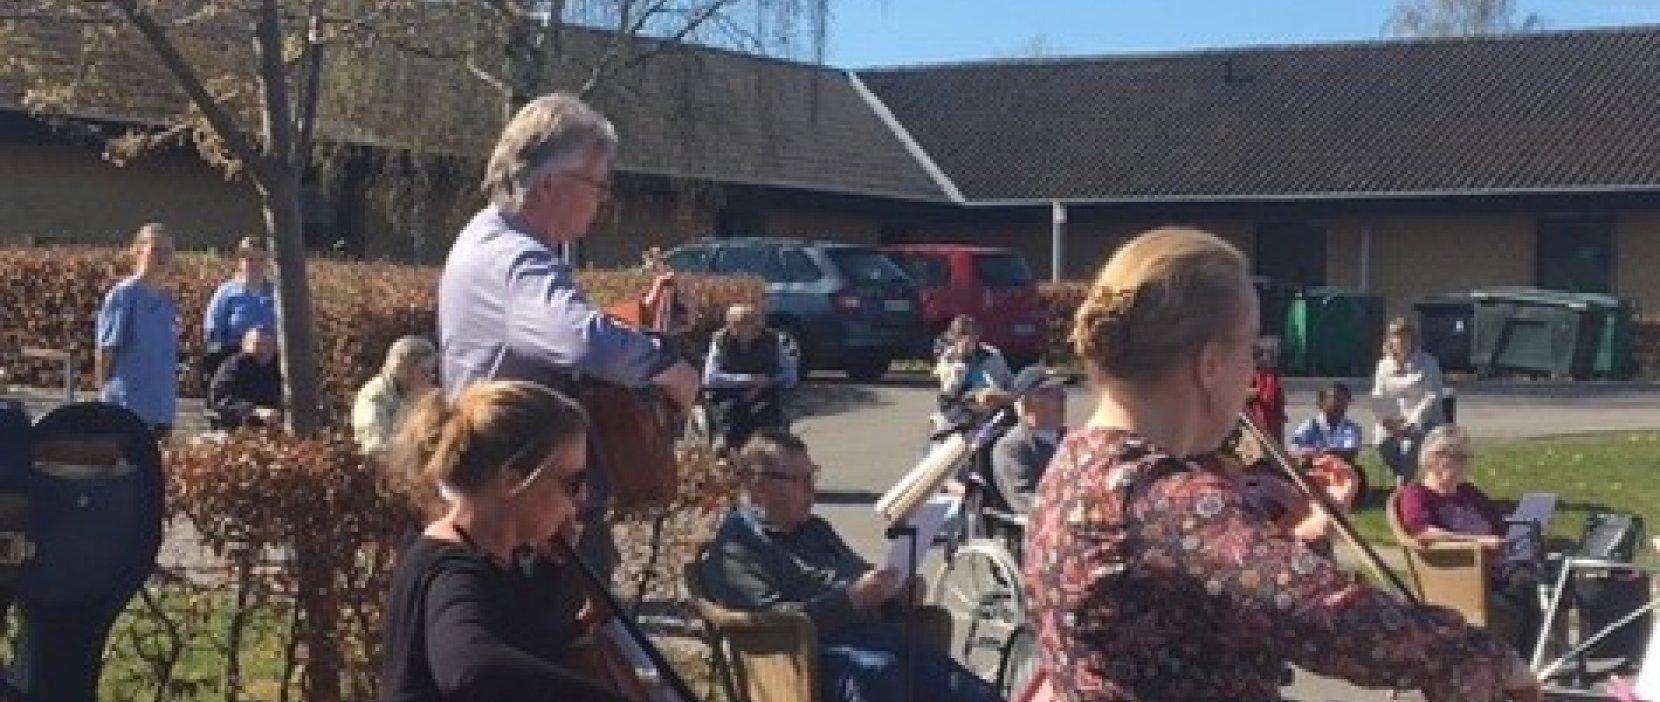 Musikere spiller udendørs ved plejecenter